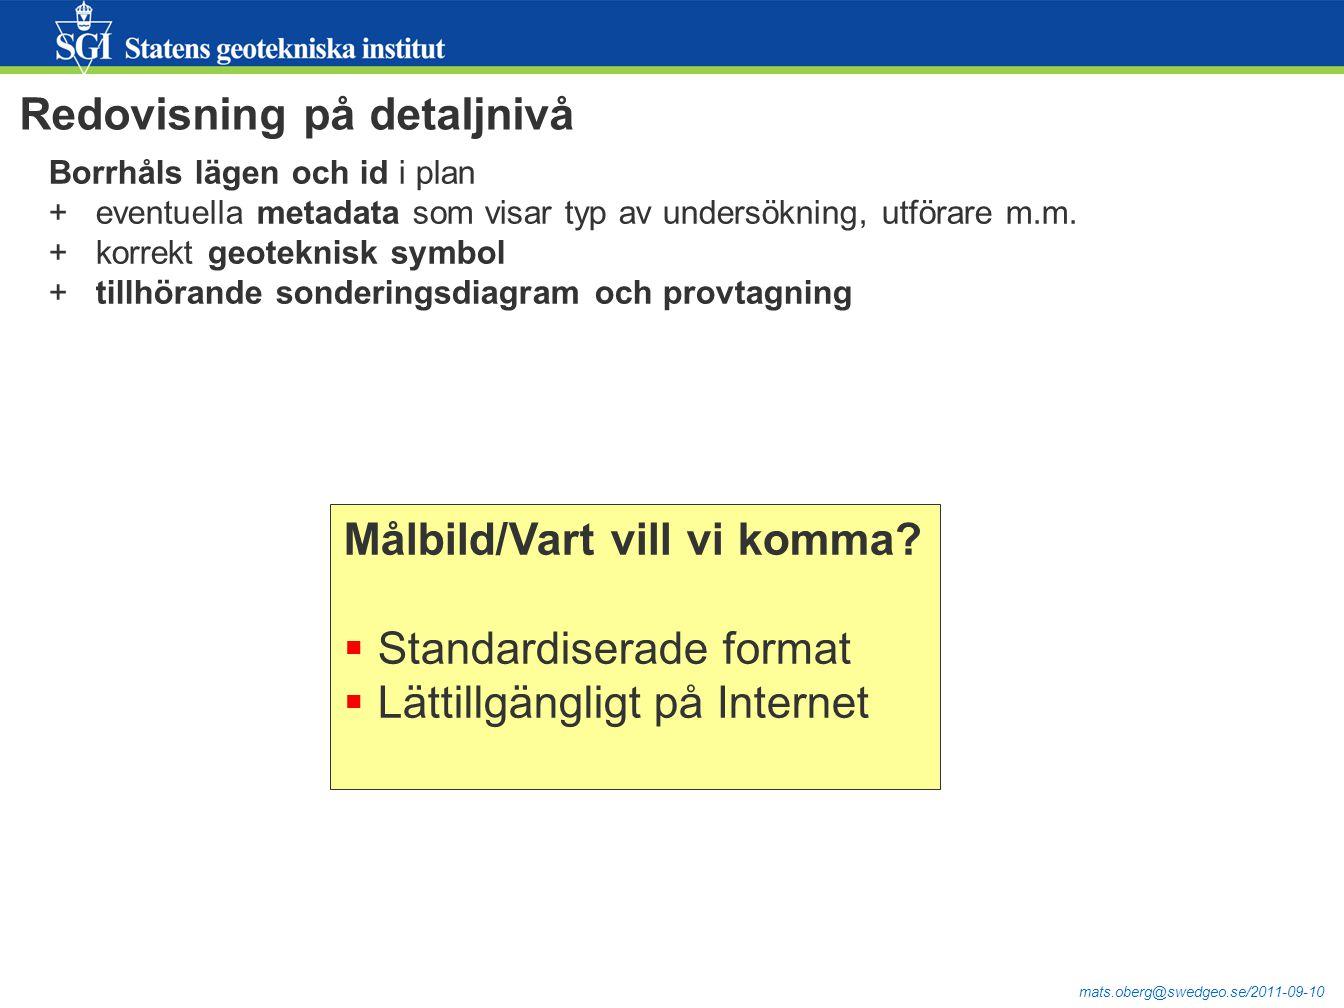 mats.oberg@swedgeo.se/2011-09-10 Redovisning på detaljnivå Borrhåls lägen och id i plan + eventuella metadata som visar typ av undersökning, utförare m.m.